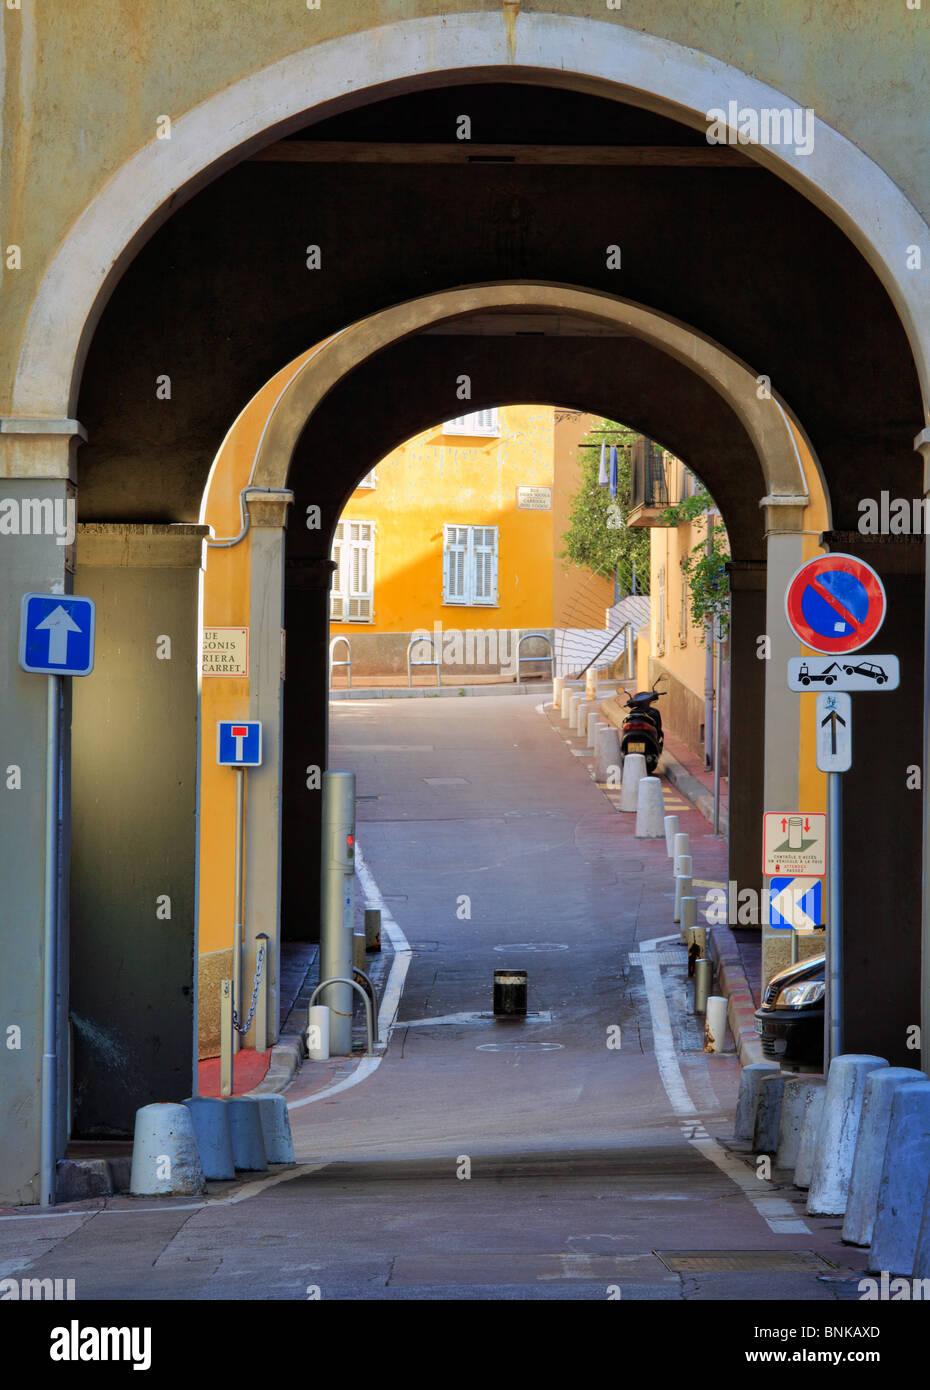 Escena callejera en la Vieille Ville (ciudad vieja) parte de Niza en la Riviera Francesa (Cote d'Azur) Imagen De Stock